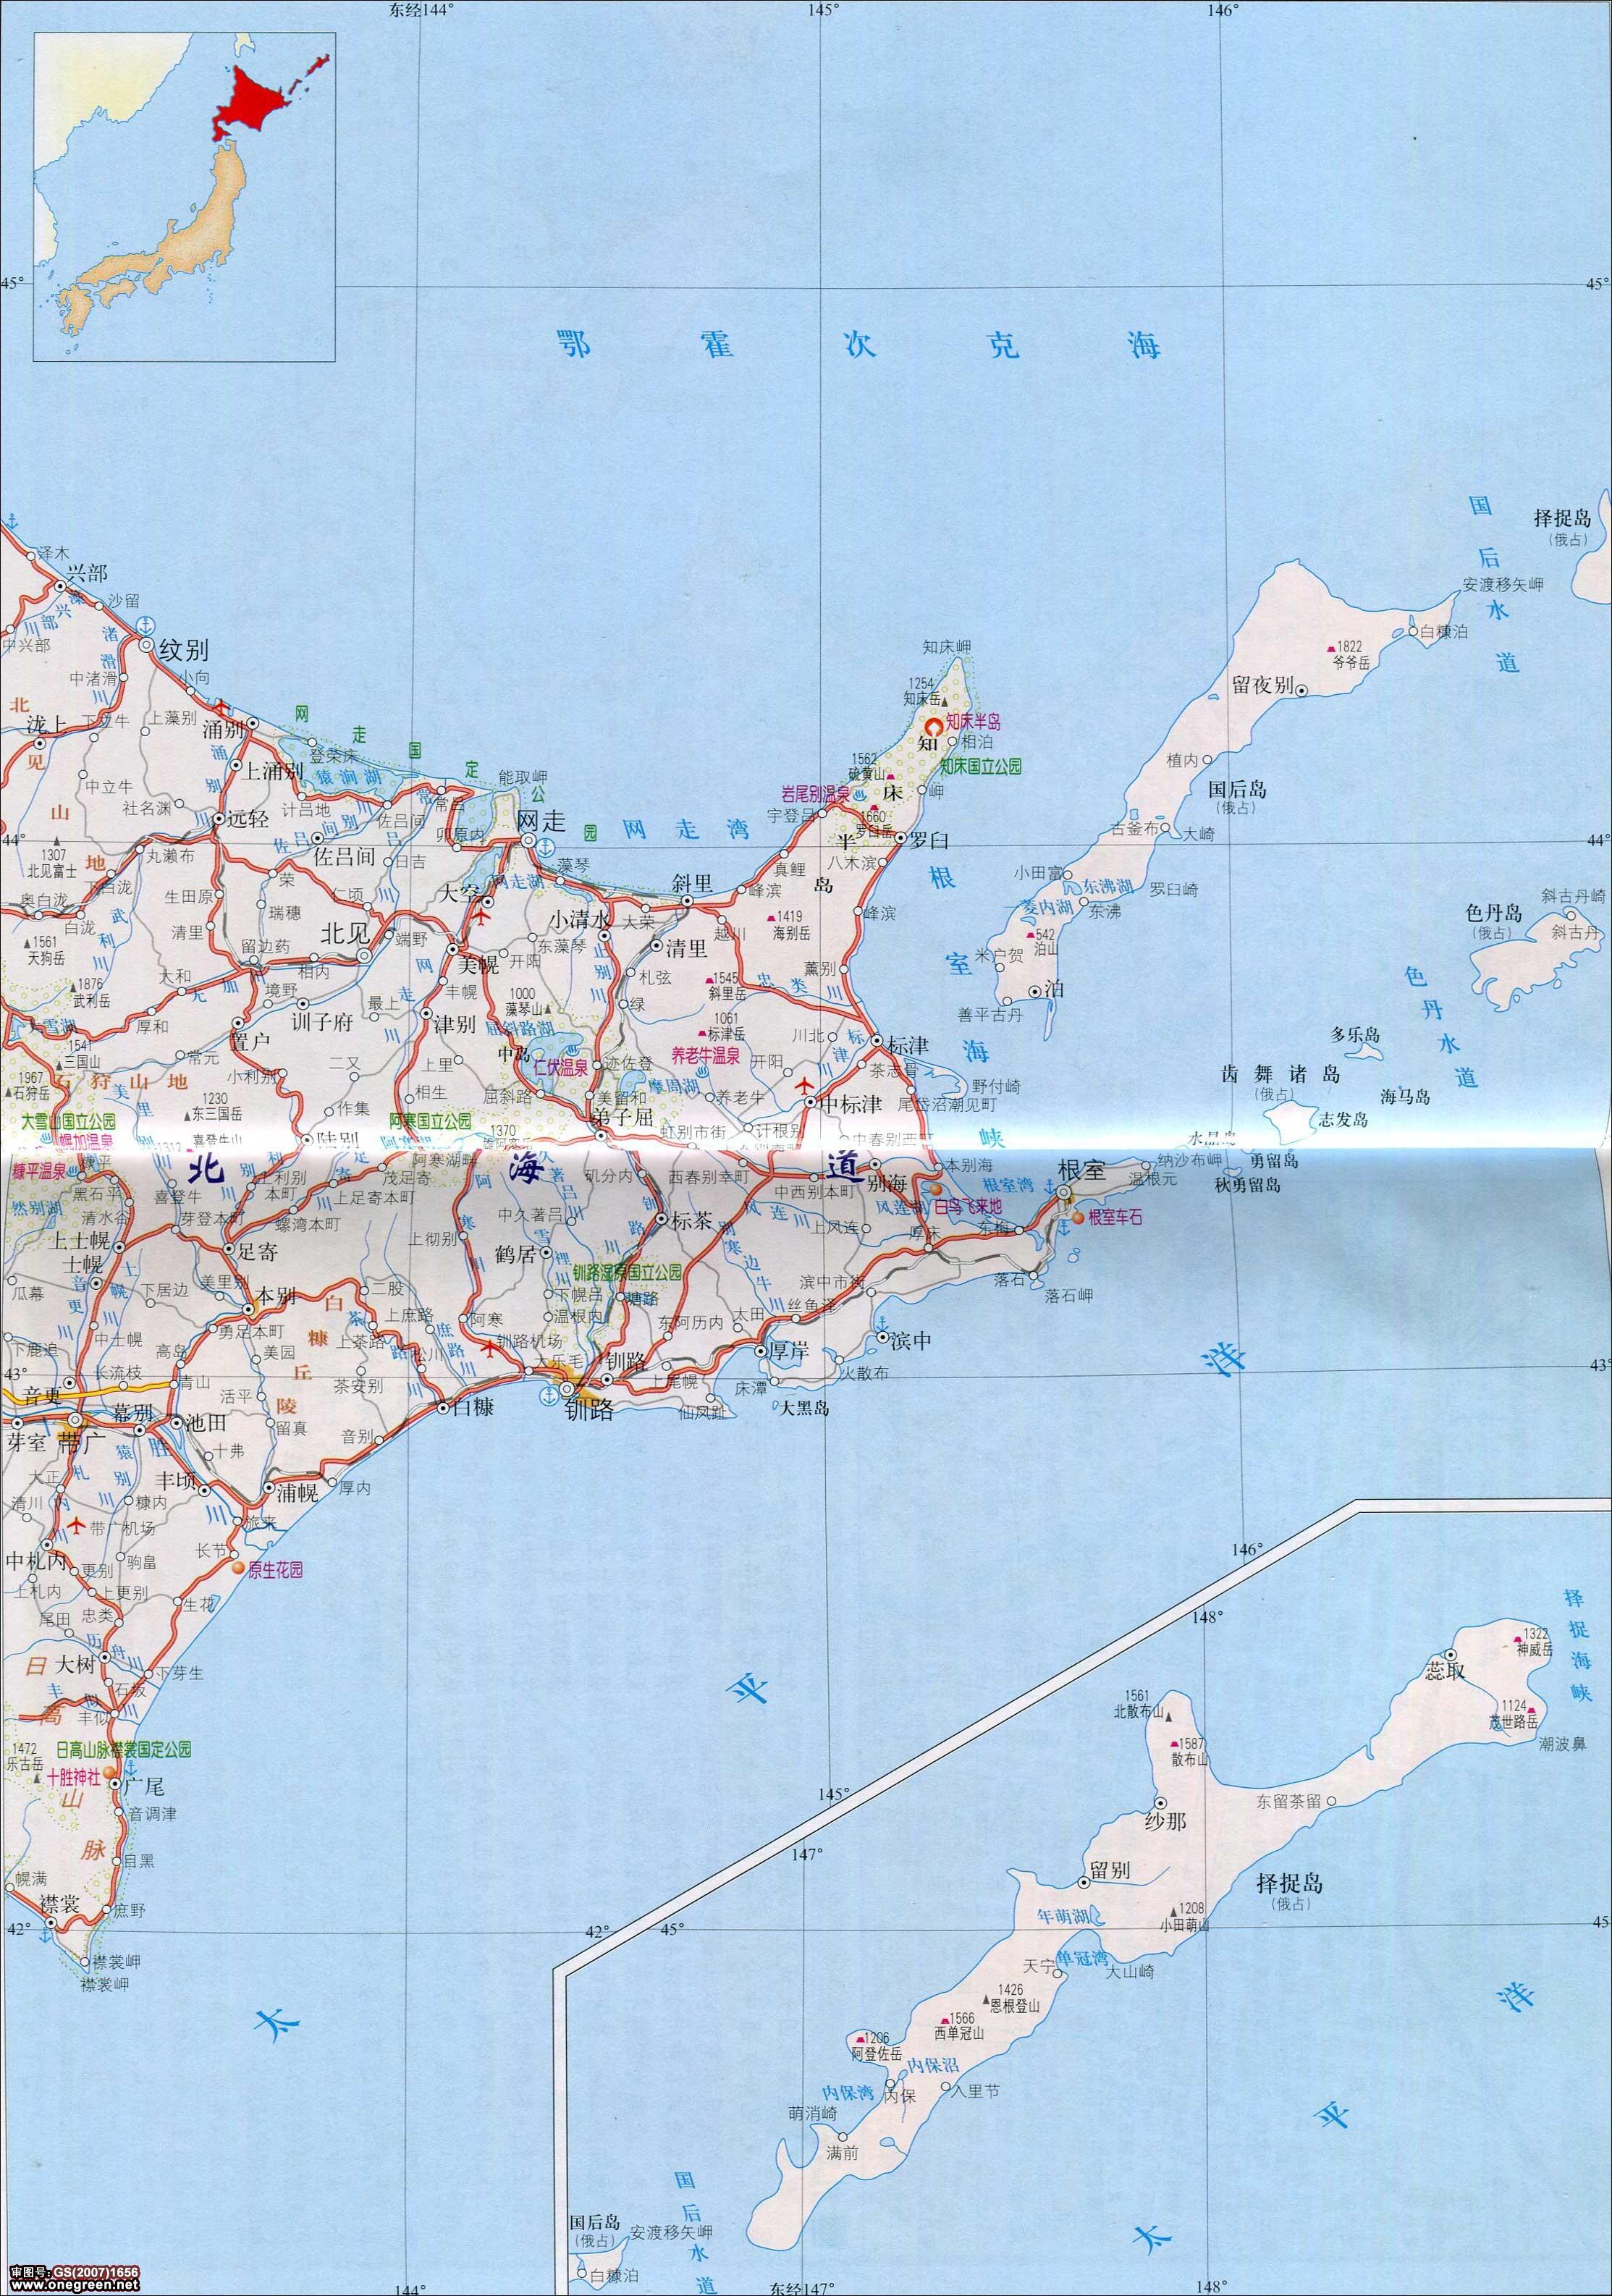 日本 地图 中 英文 版